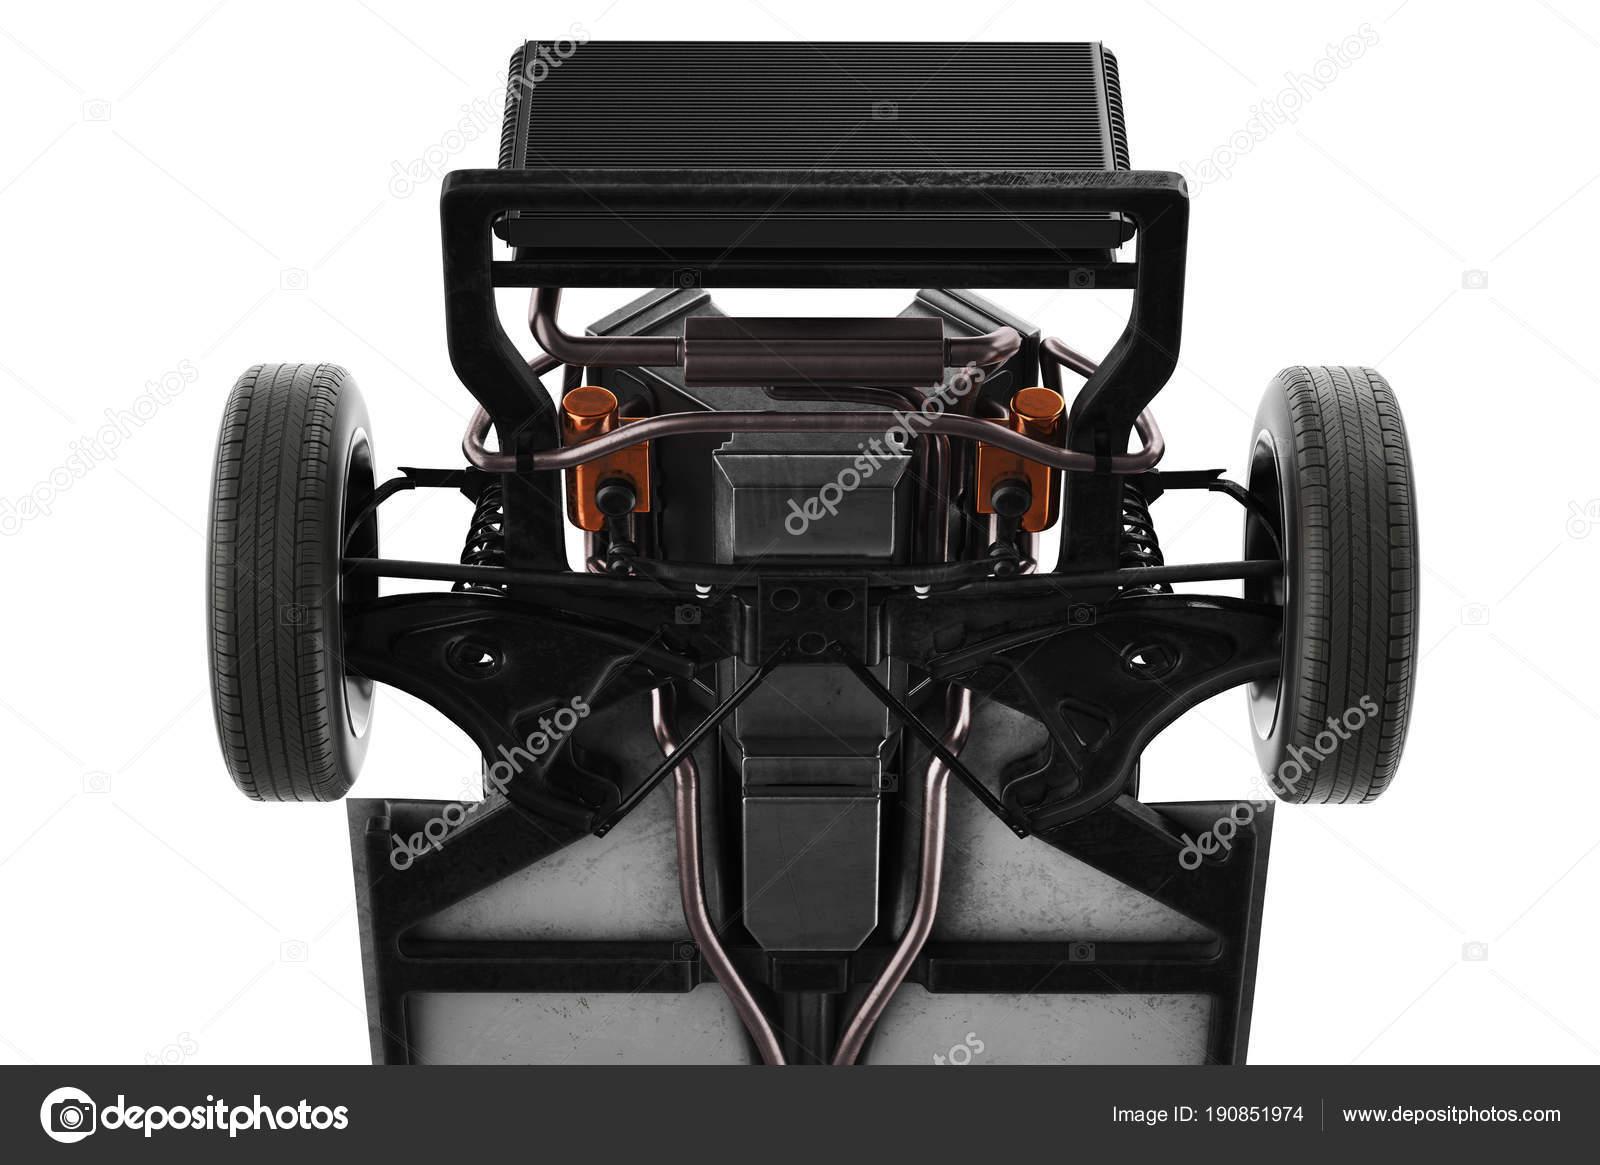 Chassis Rahmen Auto, Nahaufnahme — Stockfoto © ARTYuSTUDIO #190851974